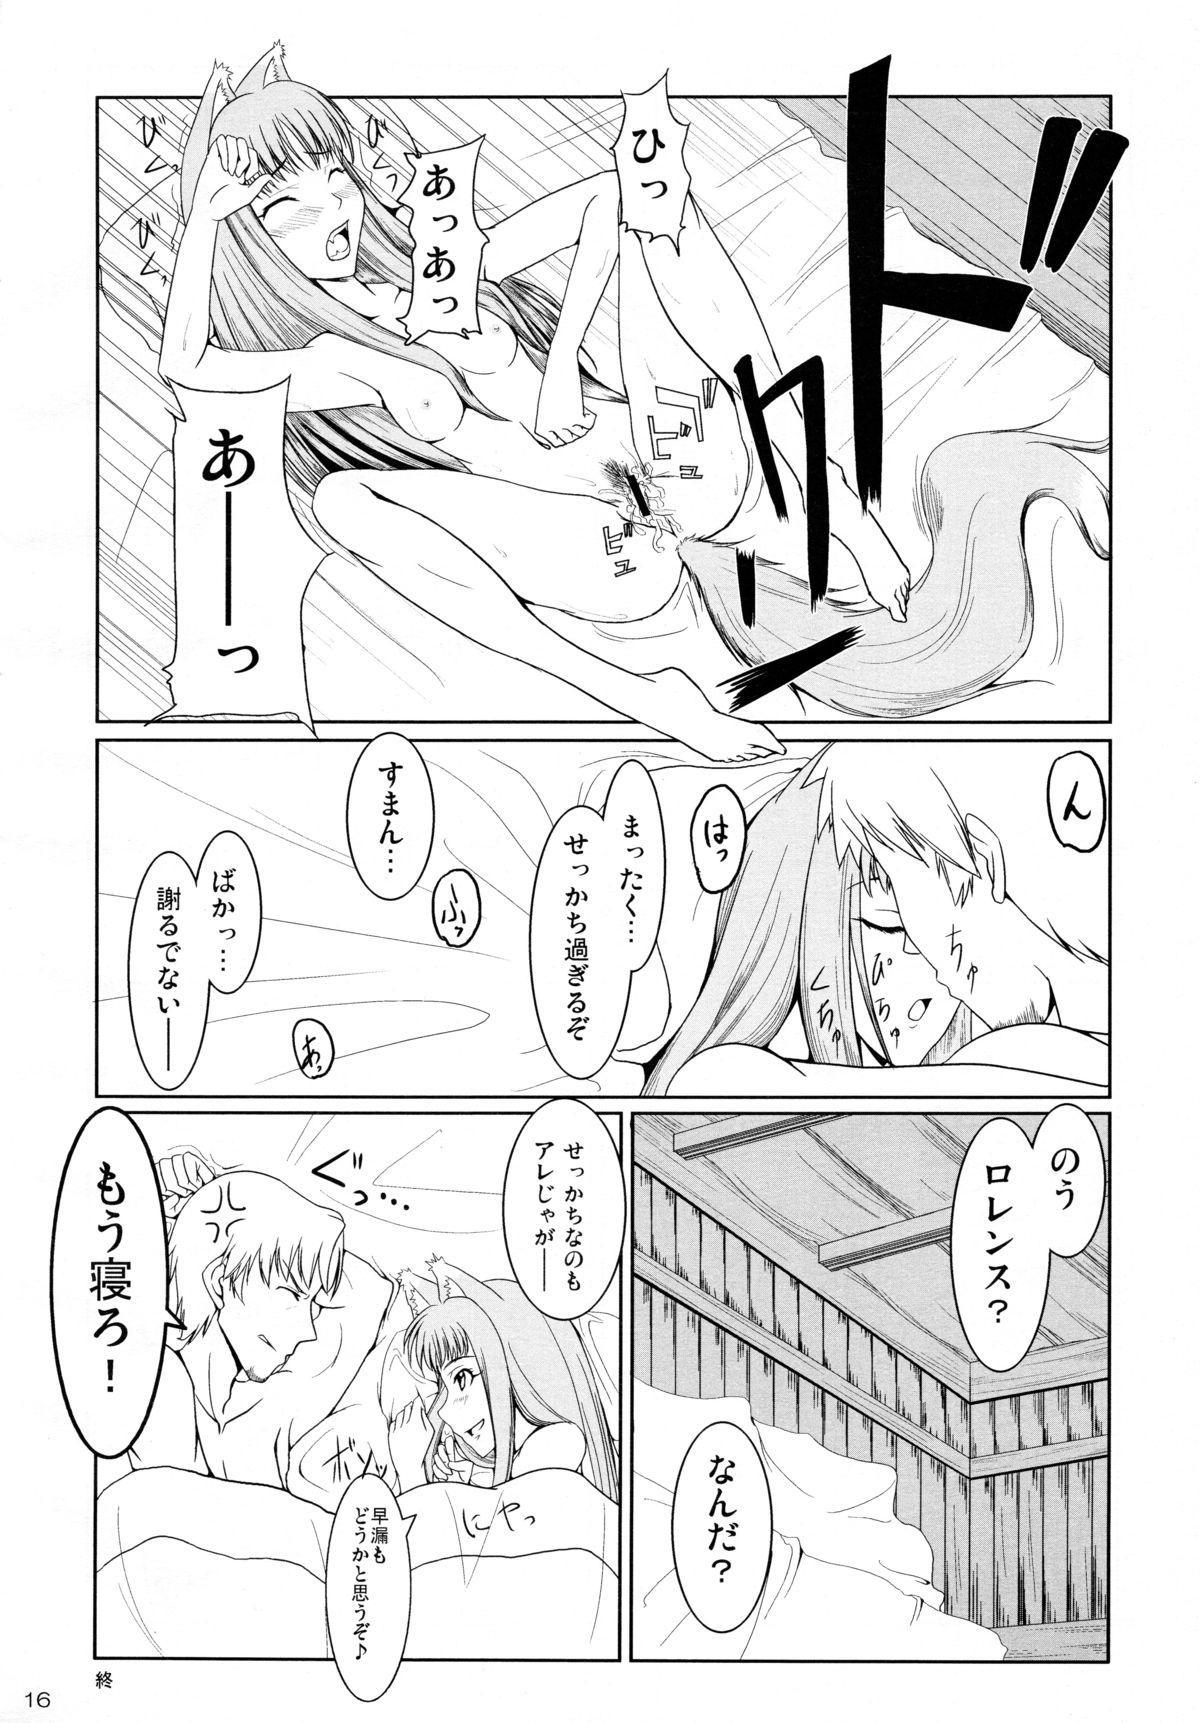 Ookami to Ringo no Hachimitsuzuke 15